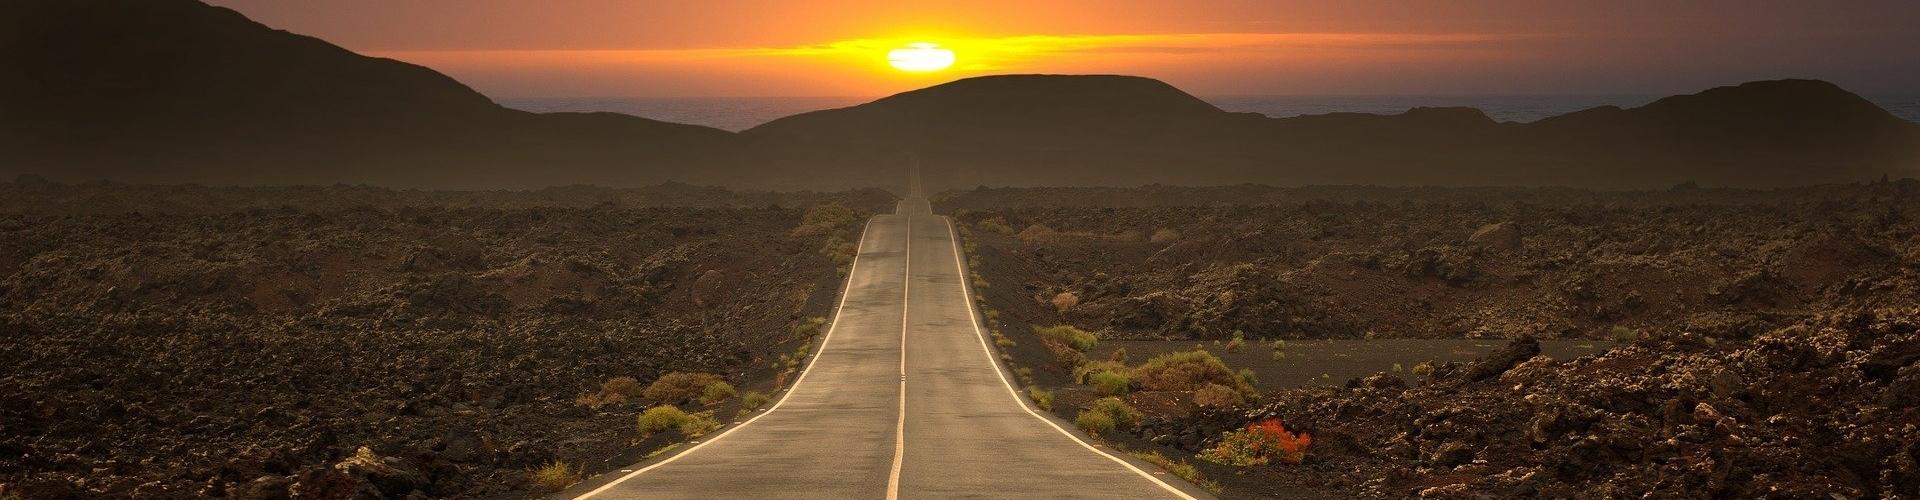 snelweg naar succes